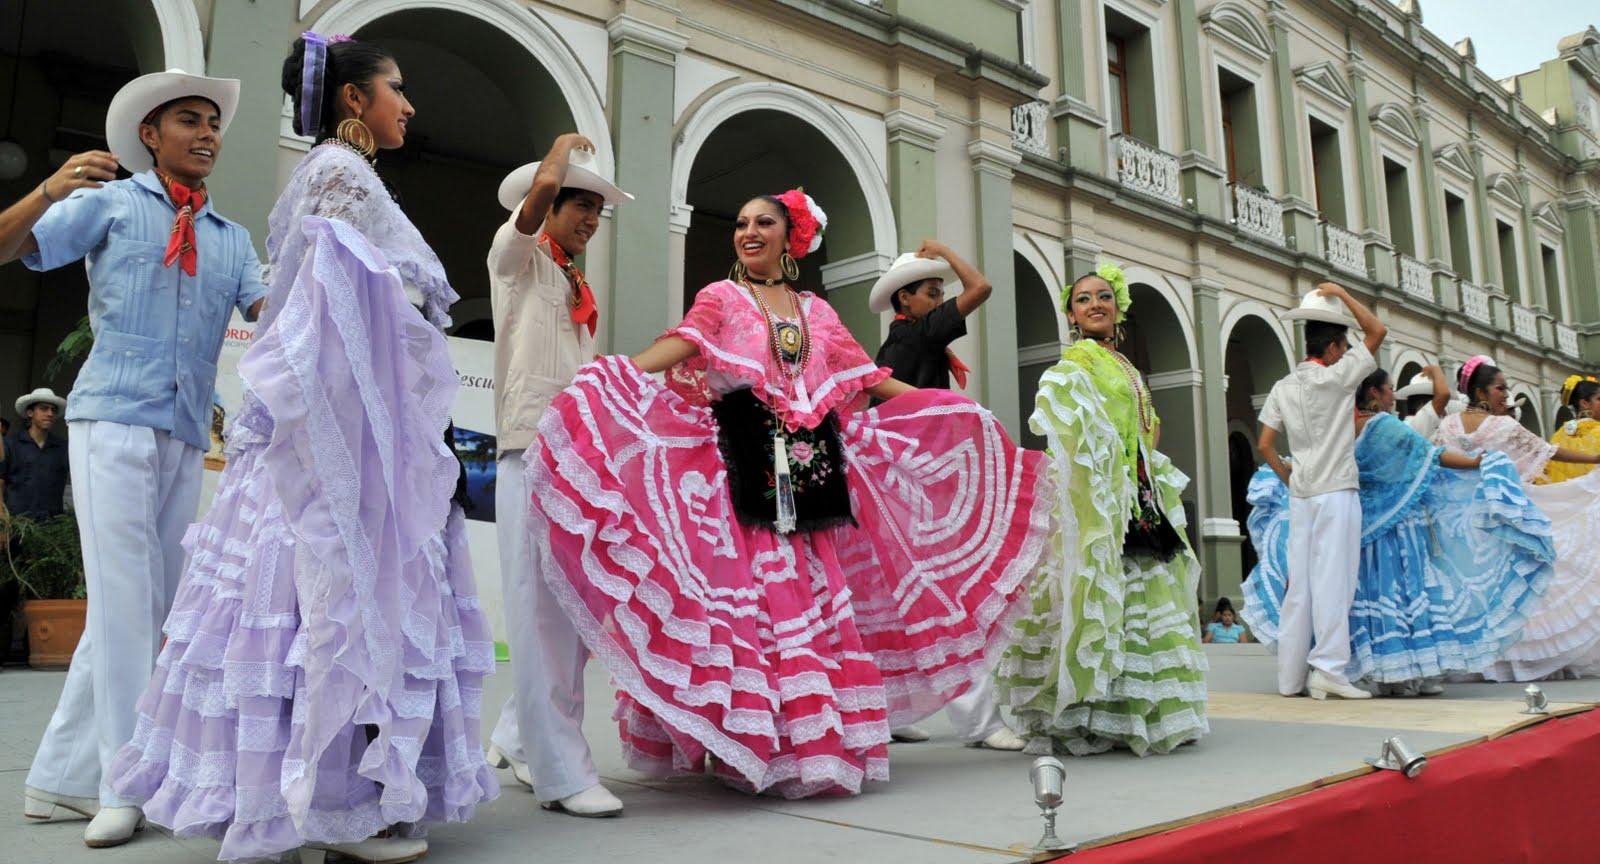 de las regiones de Durango y Guerrero, danzaron por espacio de ...